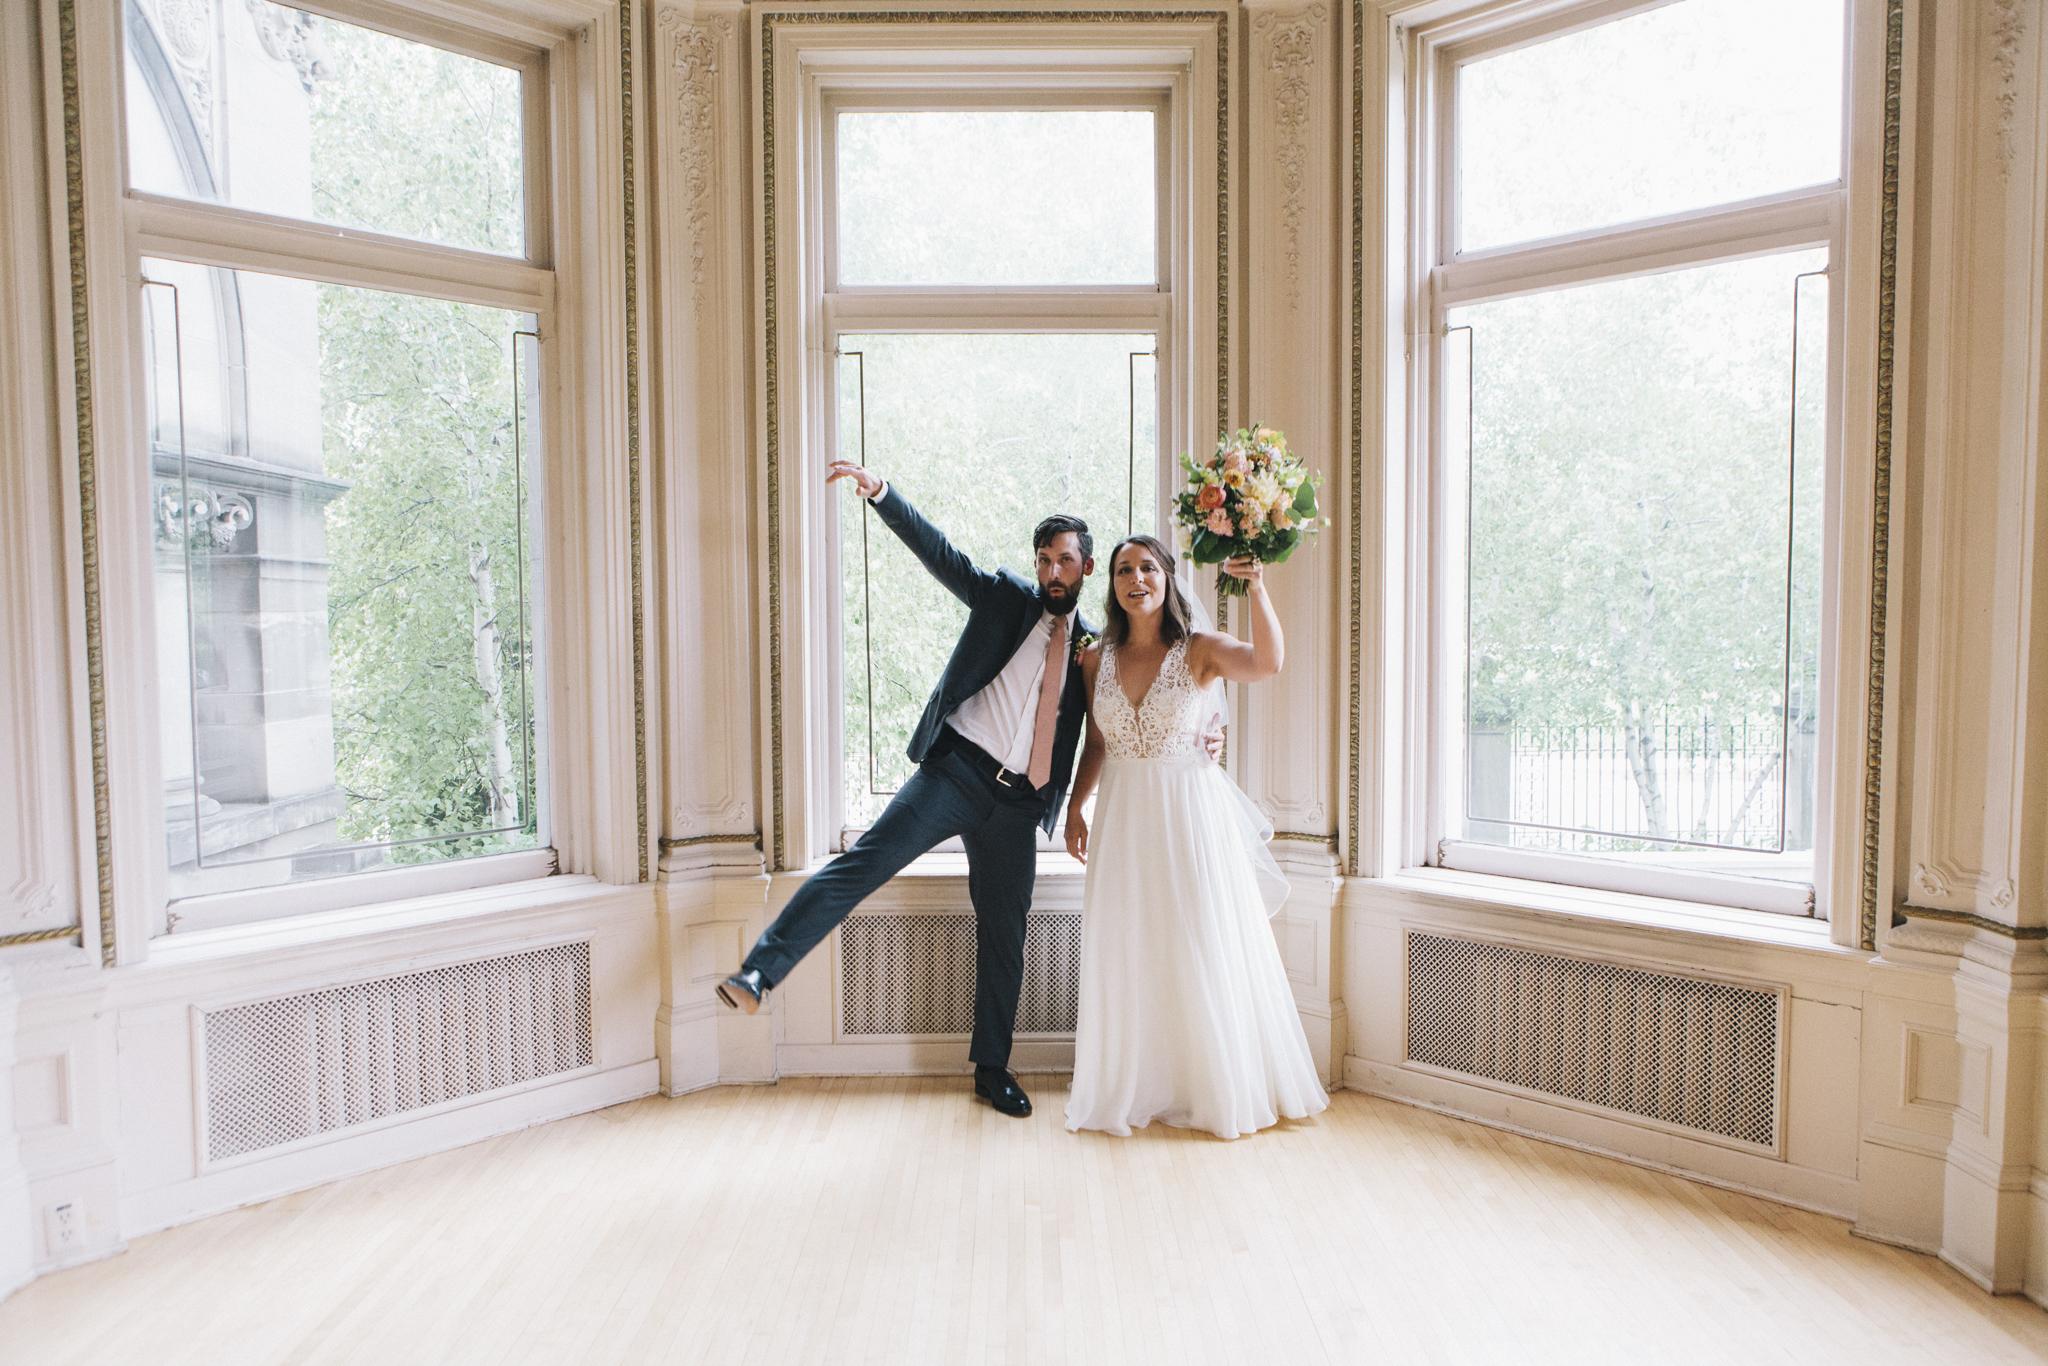 harlan_megmike_wedding_89.jpg